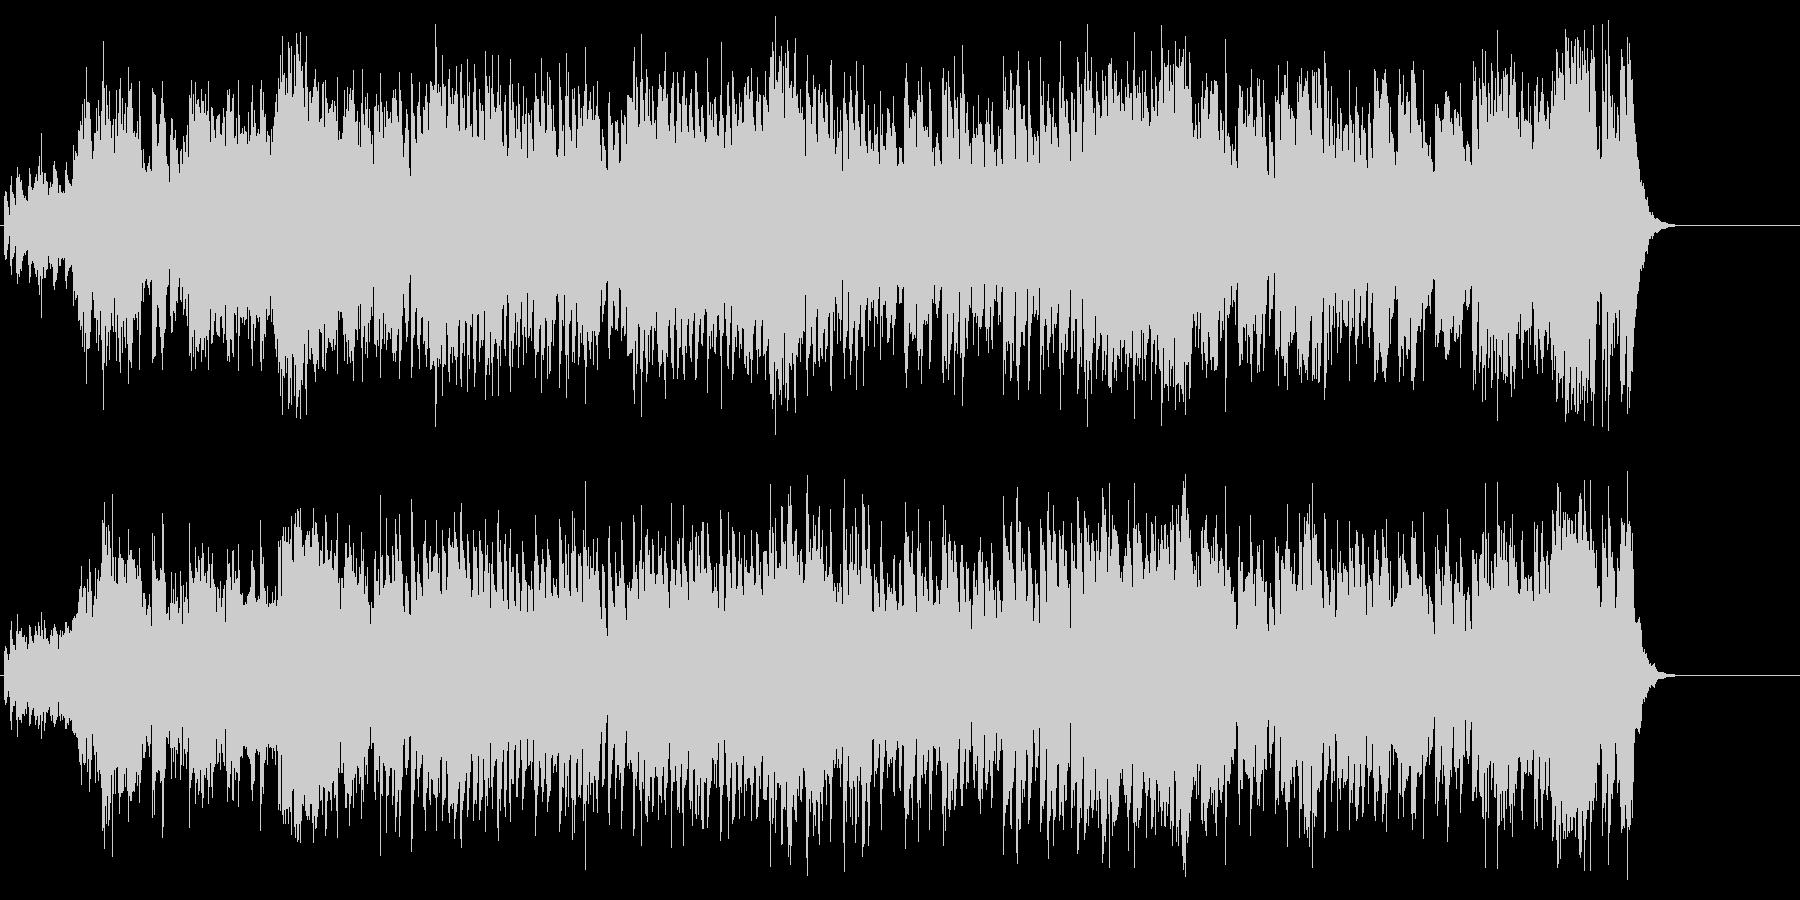 アメリカンフレーバーのストレートポップスの未再生の波形